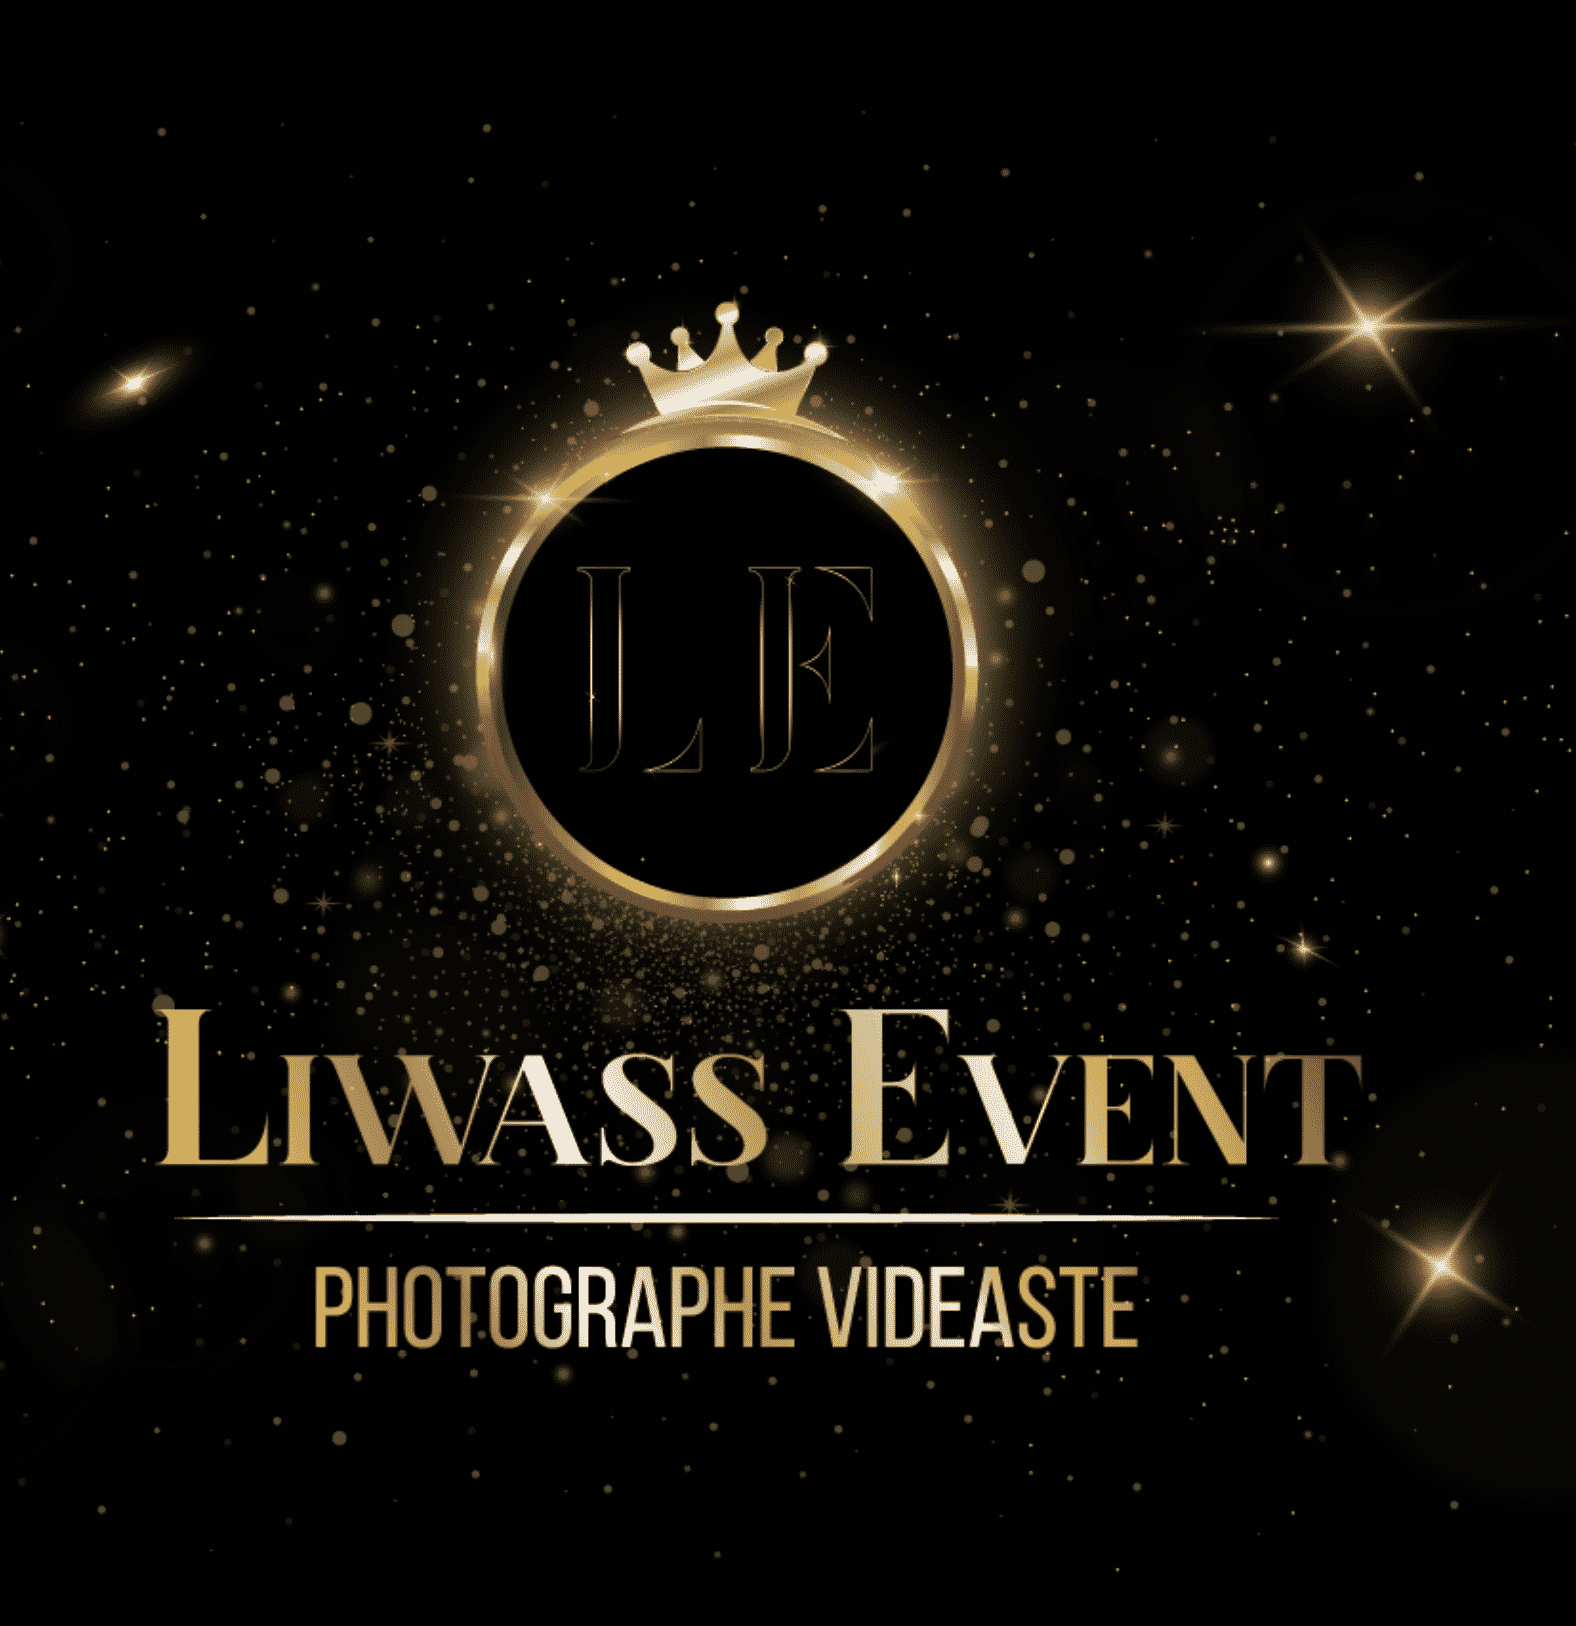 Liwass event logo